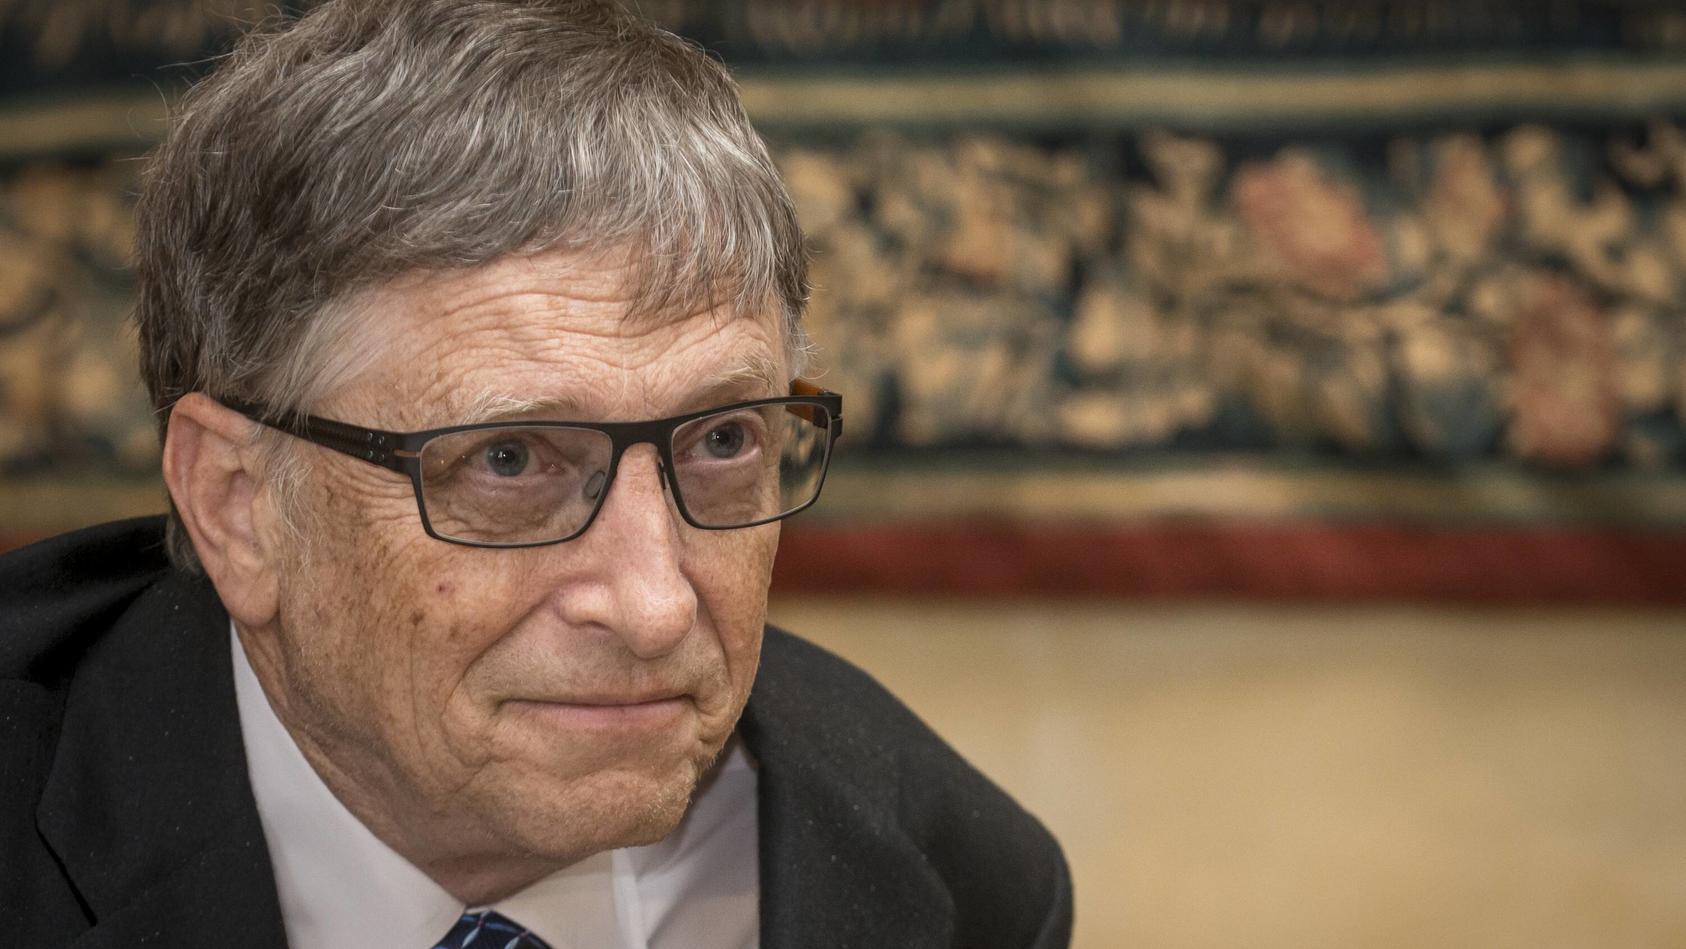 Eine dritte Impfdosis wird wohl erforderlich sein, um die Corona-Pandemie zu besiegen, meintMicrosoft-Gründer Bill Gates.